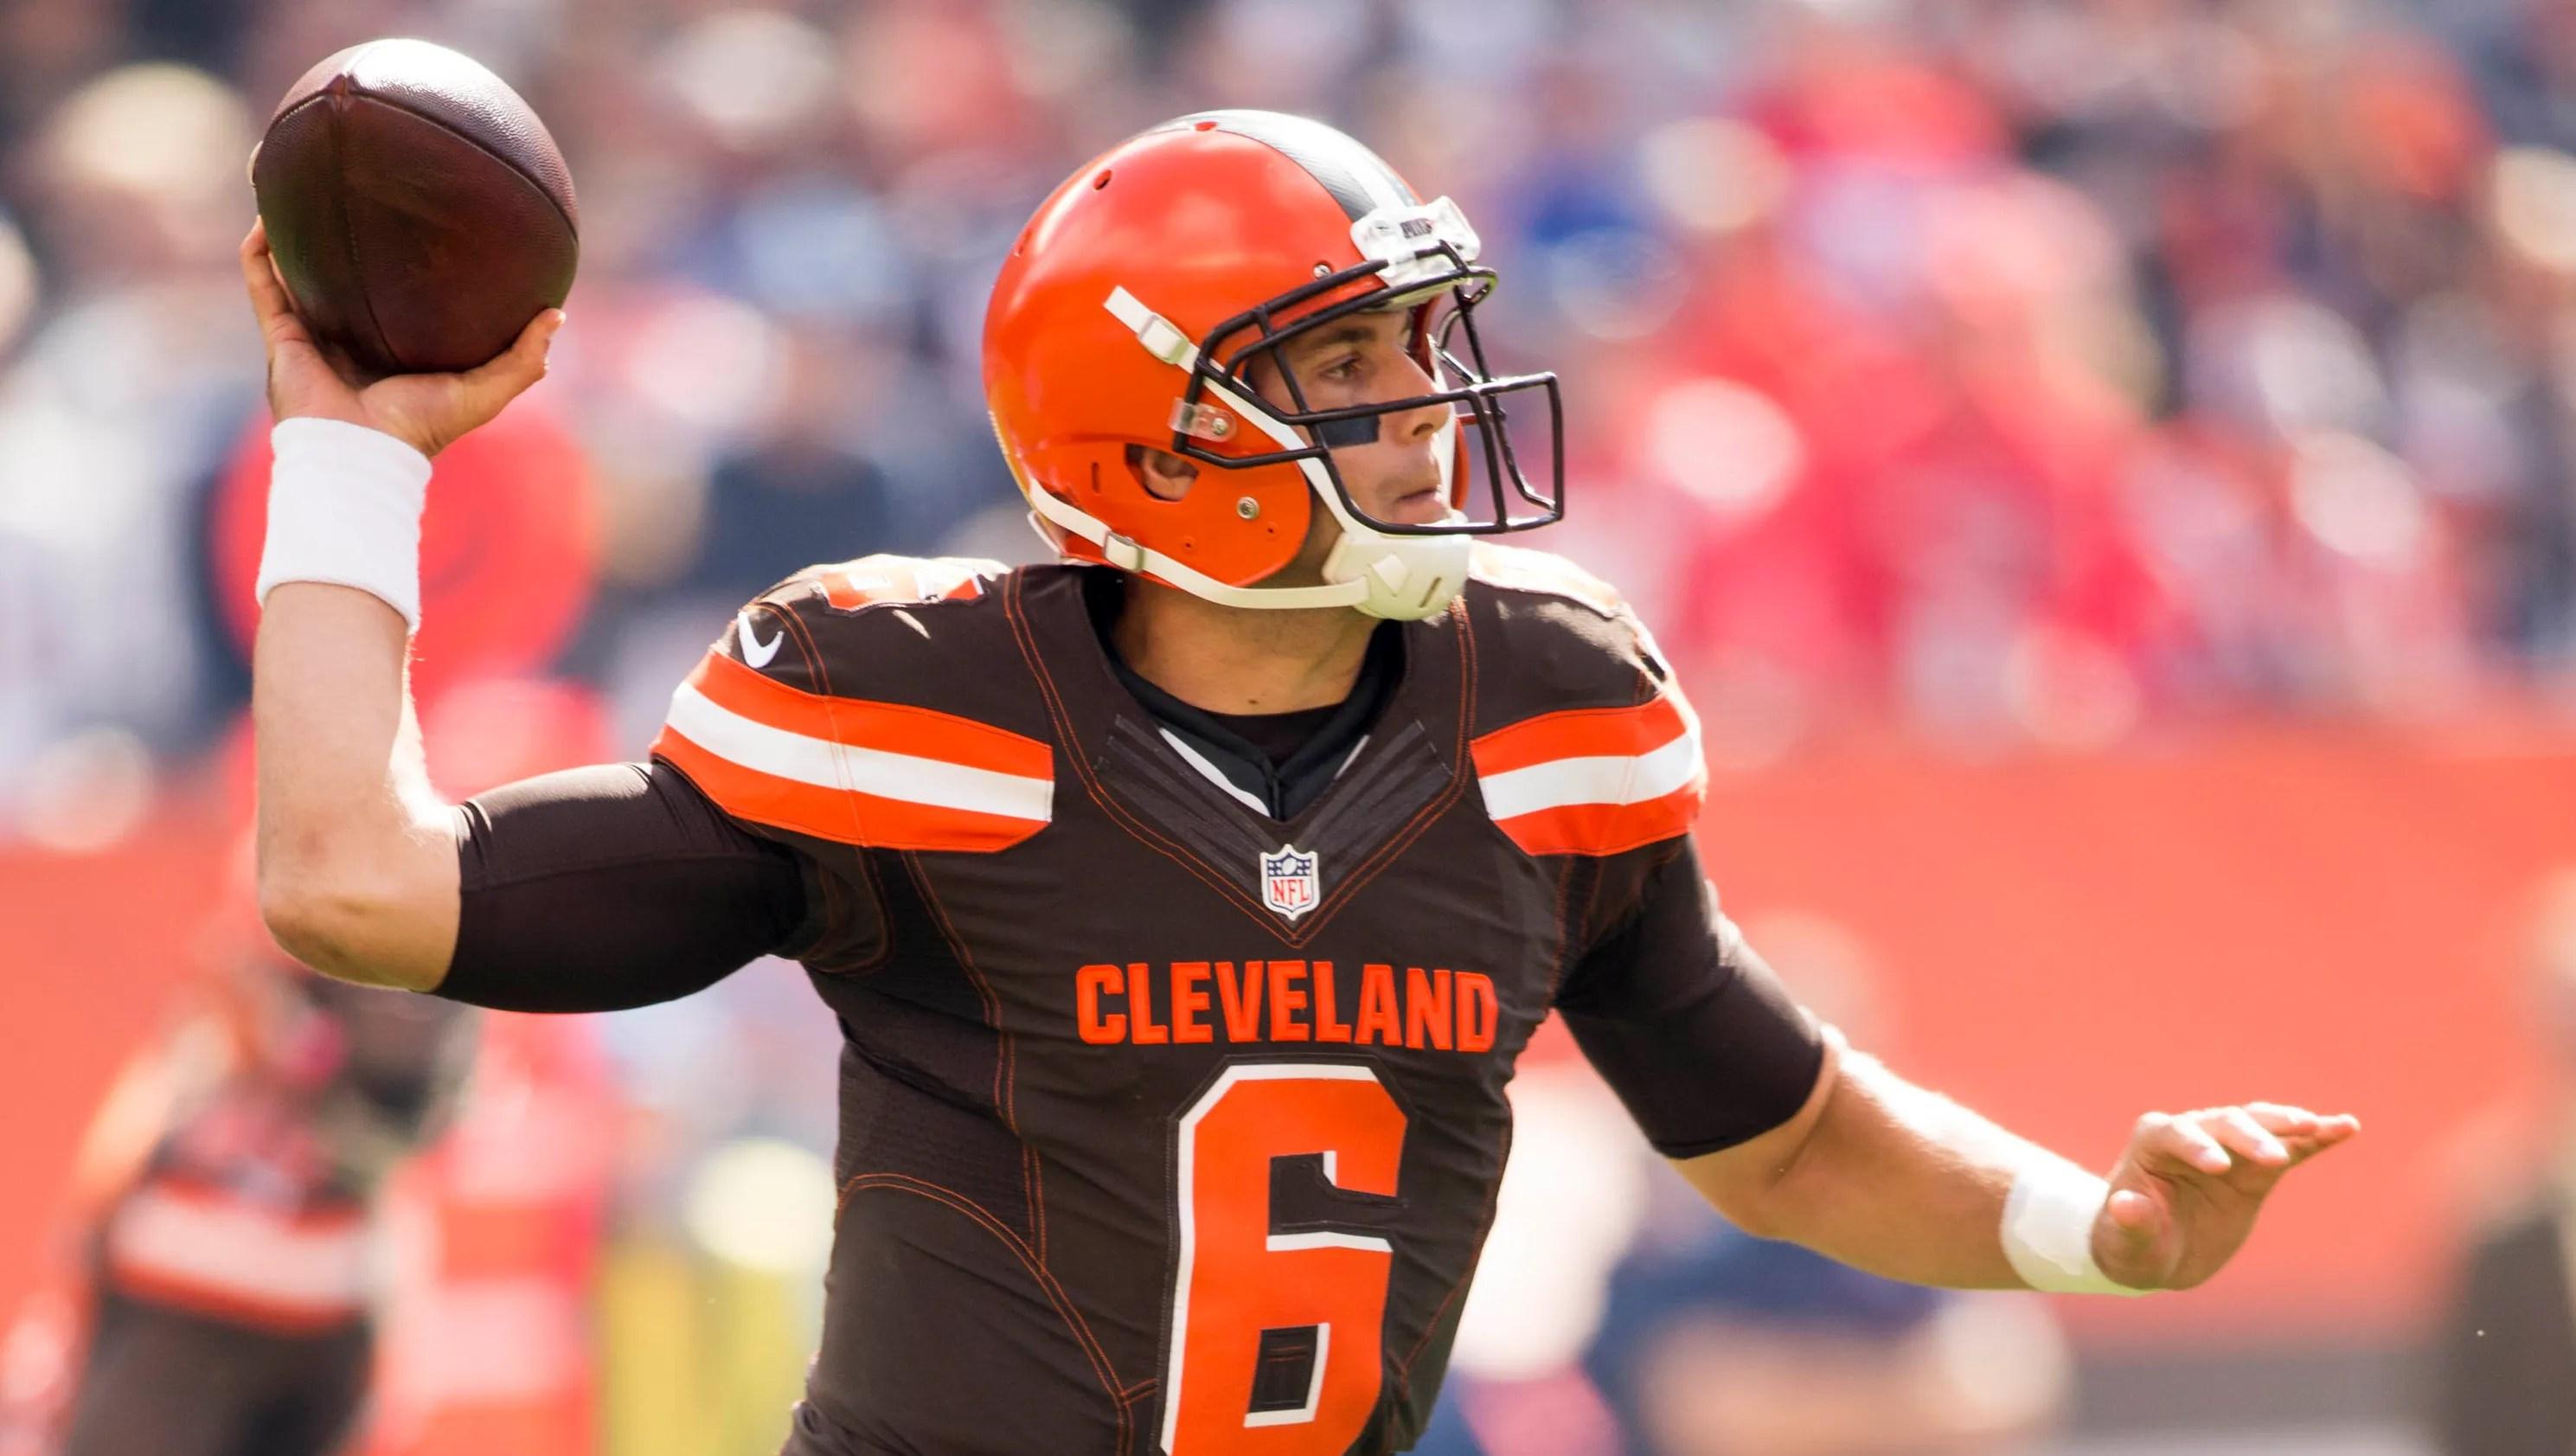 Thursday NFL Buzz Browns expect QB Cody Kessler to start